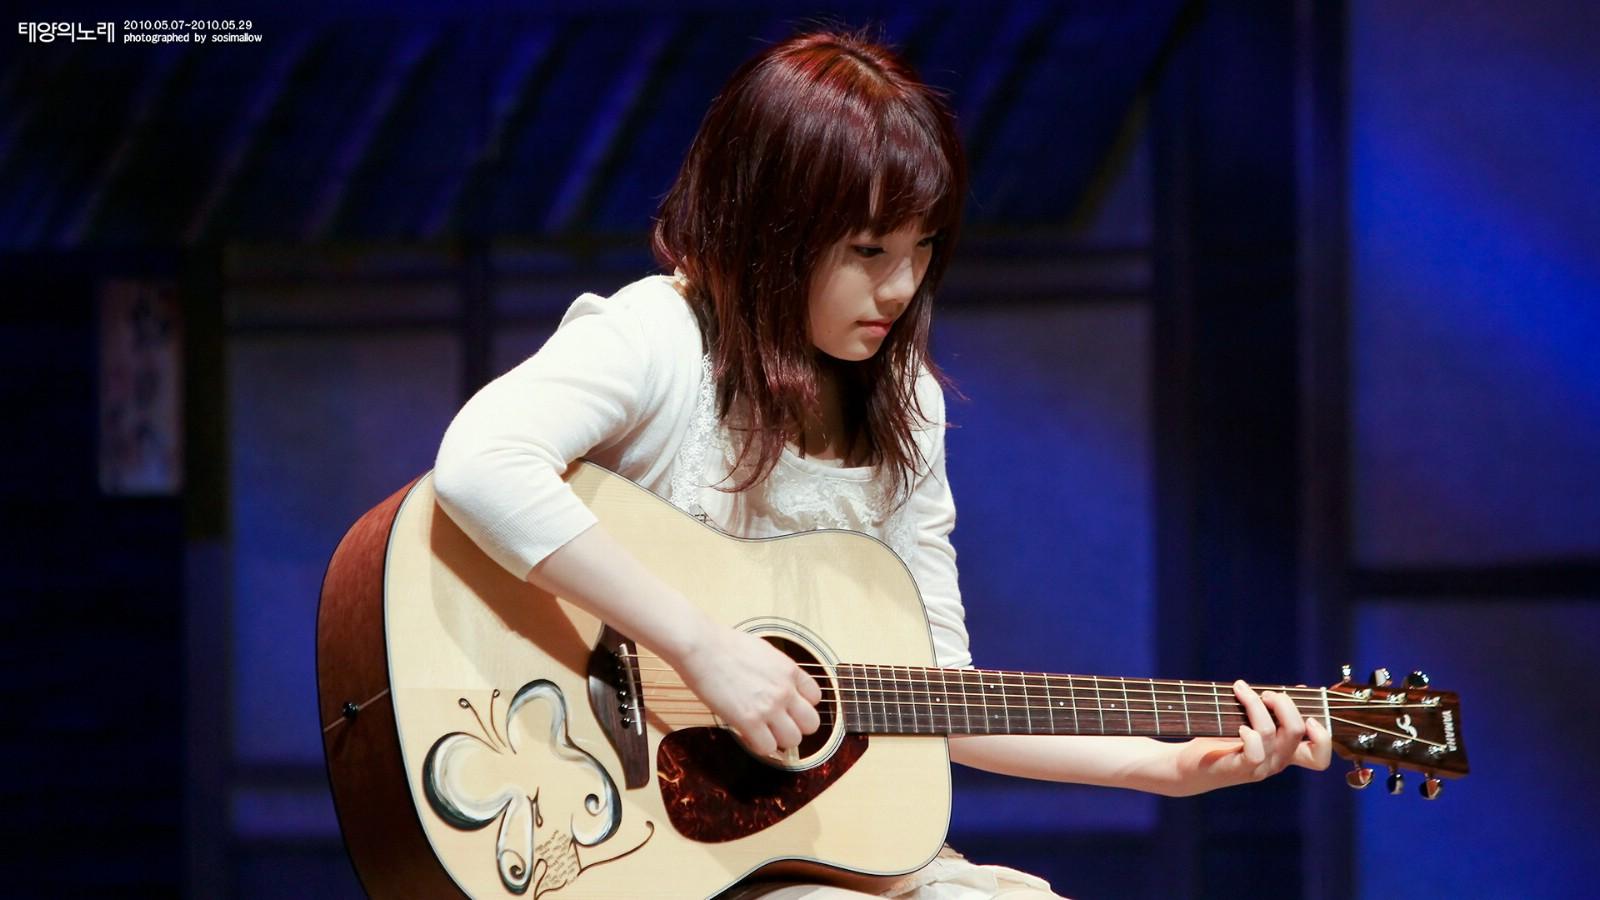 900金泰妍 TaeYeon 壁纸1壁纸,金泰妍 TaeYeon壁纸图片 -金泰妍